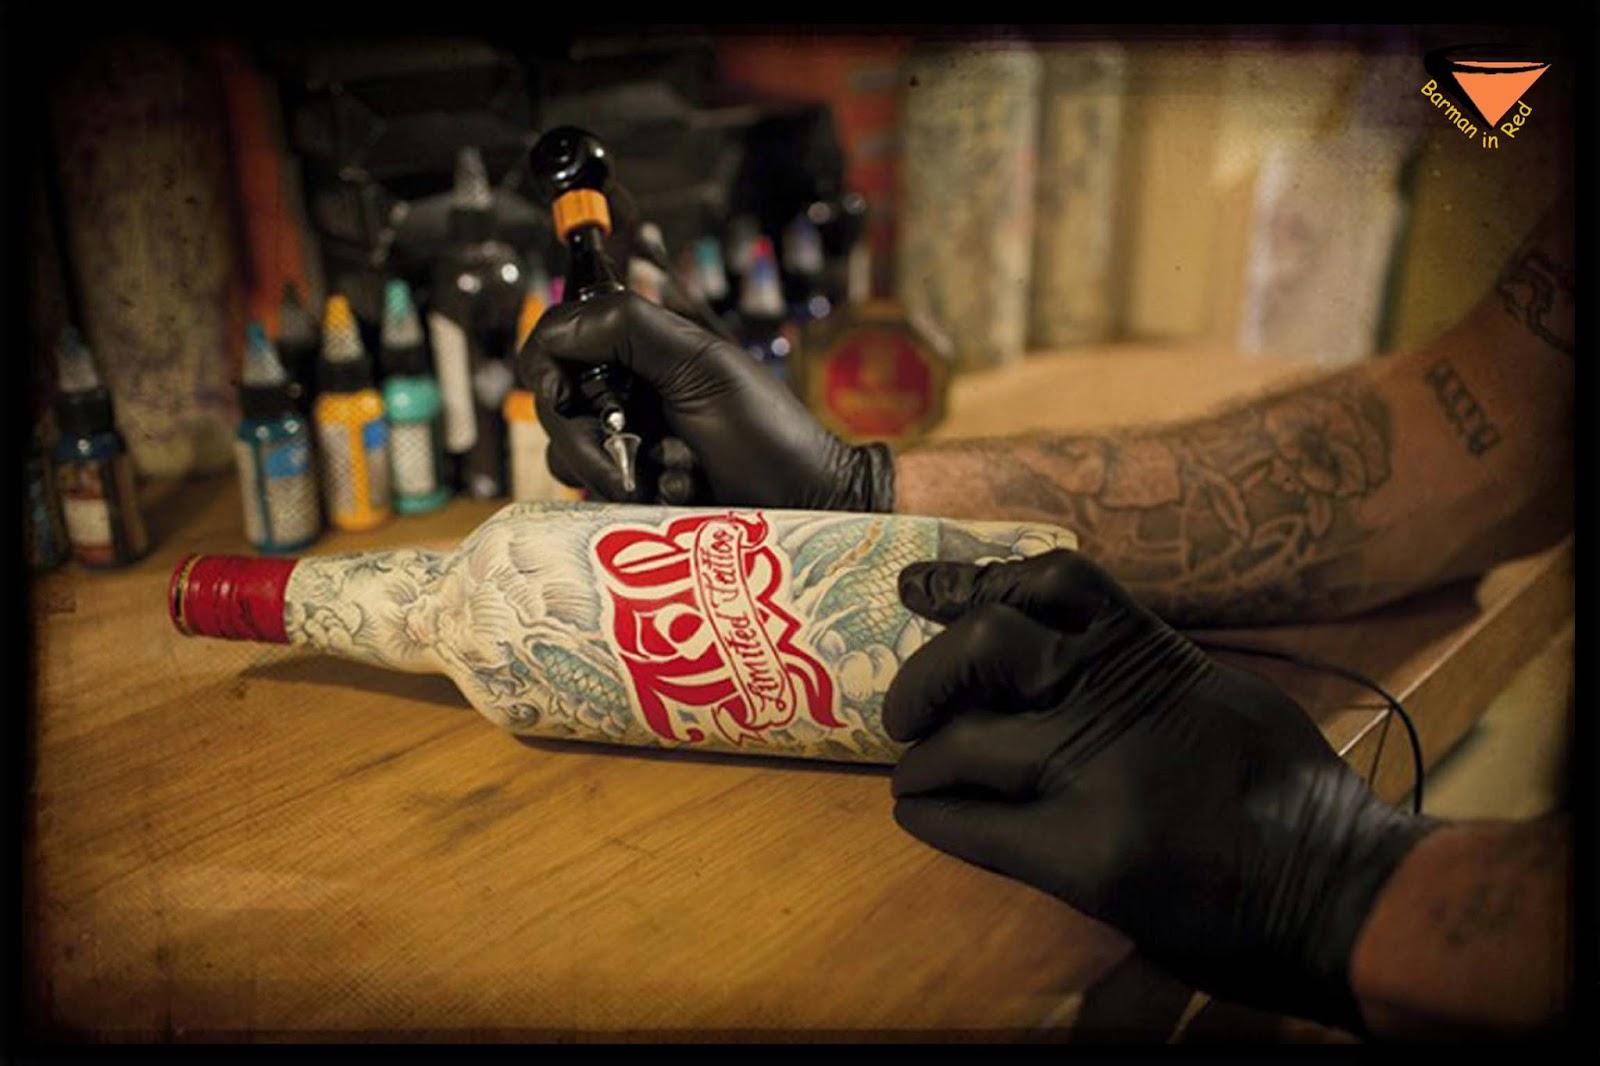 Whisky J & B Tatuaje